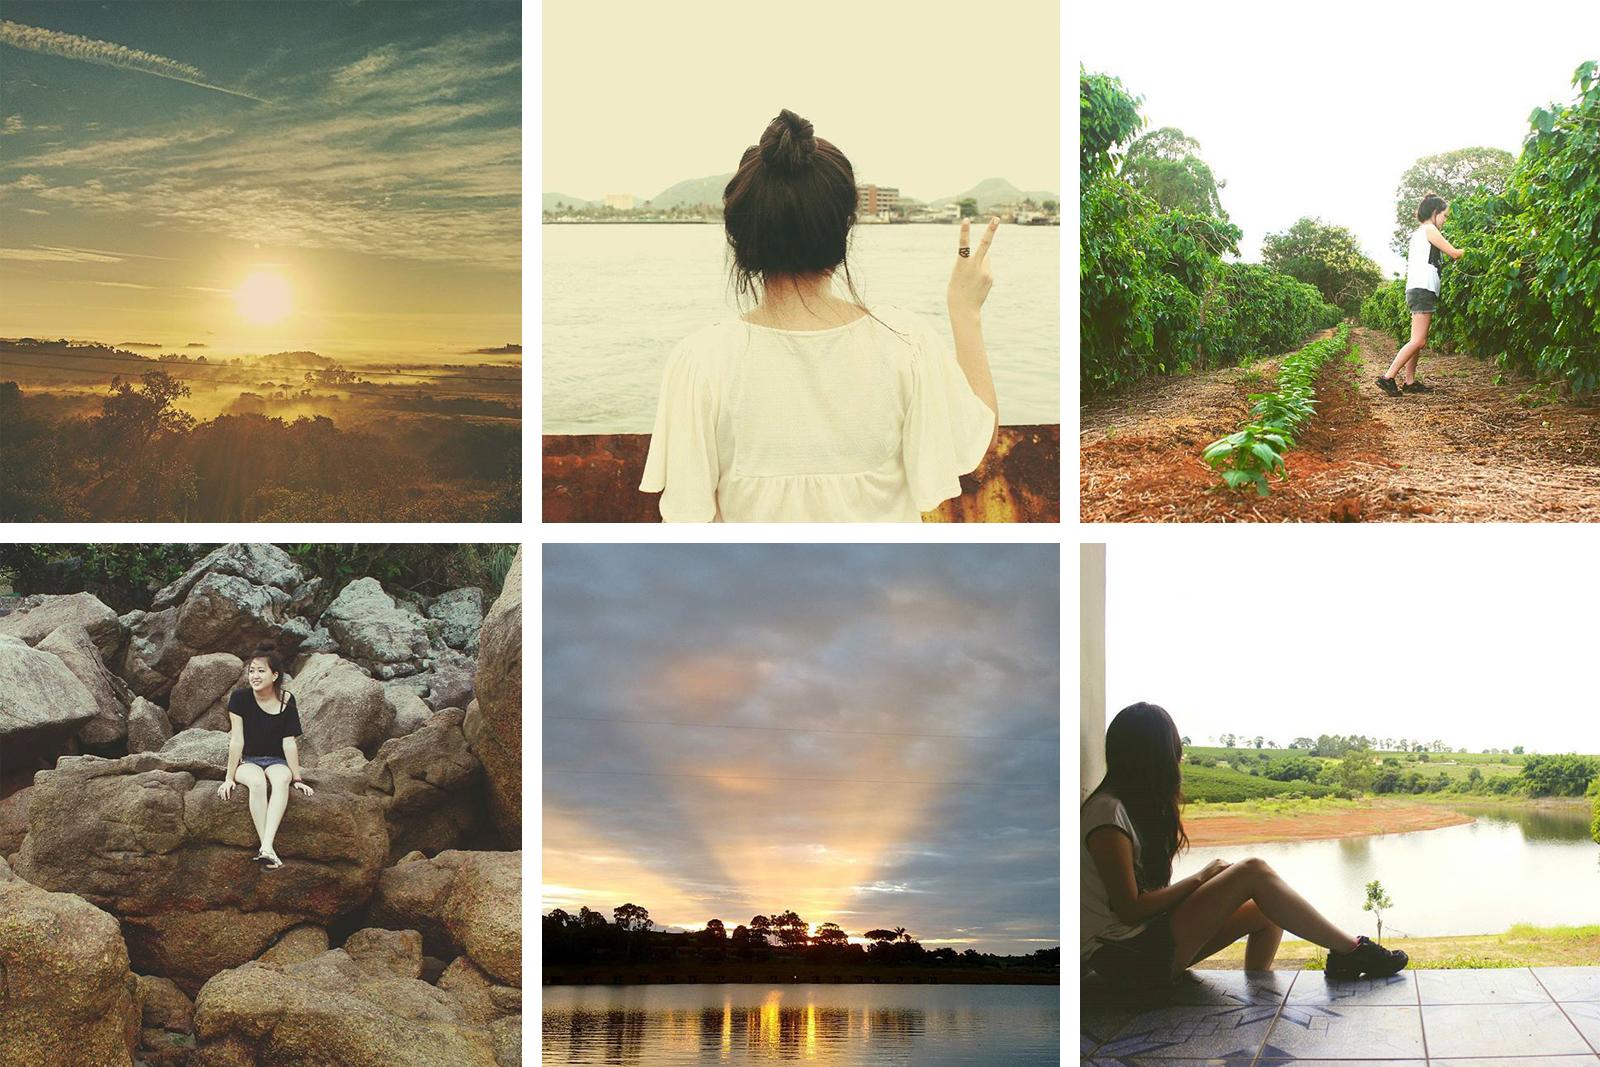 fotos aleatórias instagram pessoal